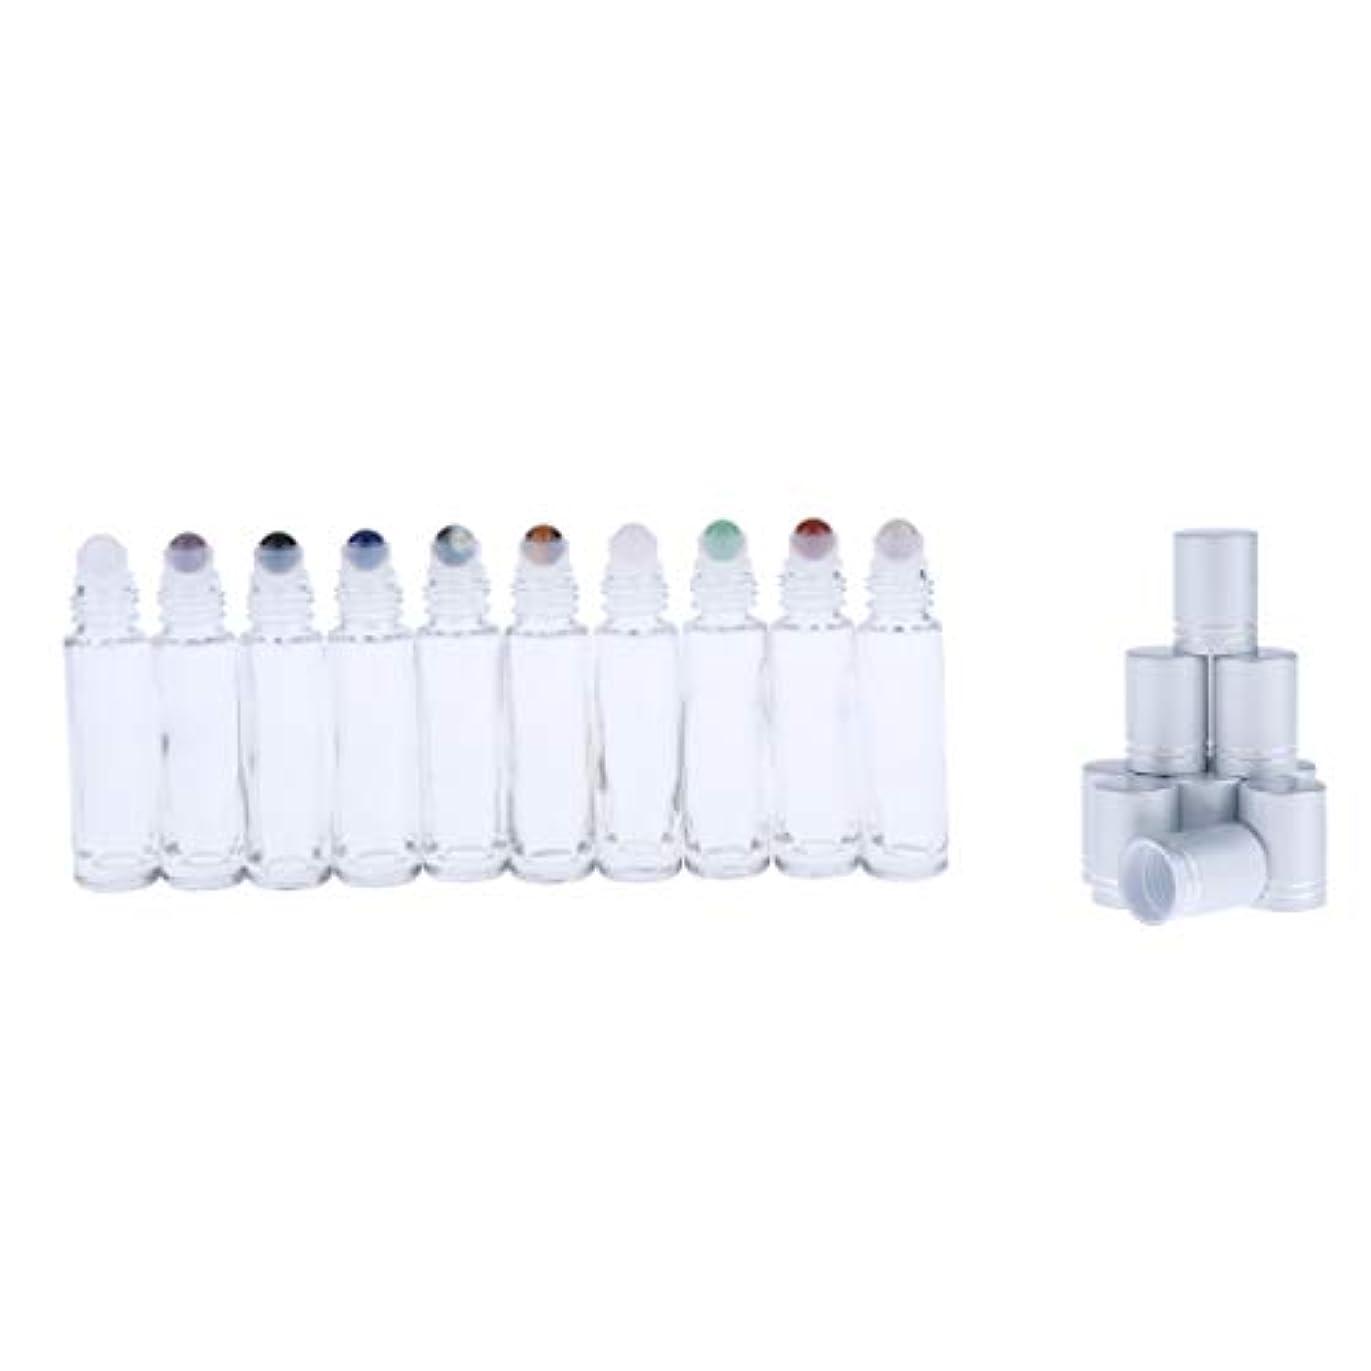 優雅いとこ霜10ml ロールオンボトル ガラス容器 透明 香水 アロマ 精油 小分け用 見分け携帯便利 10個入